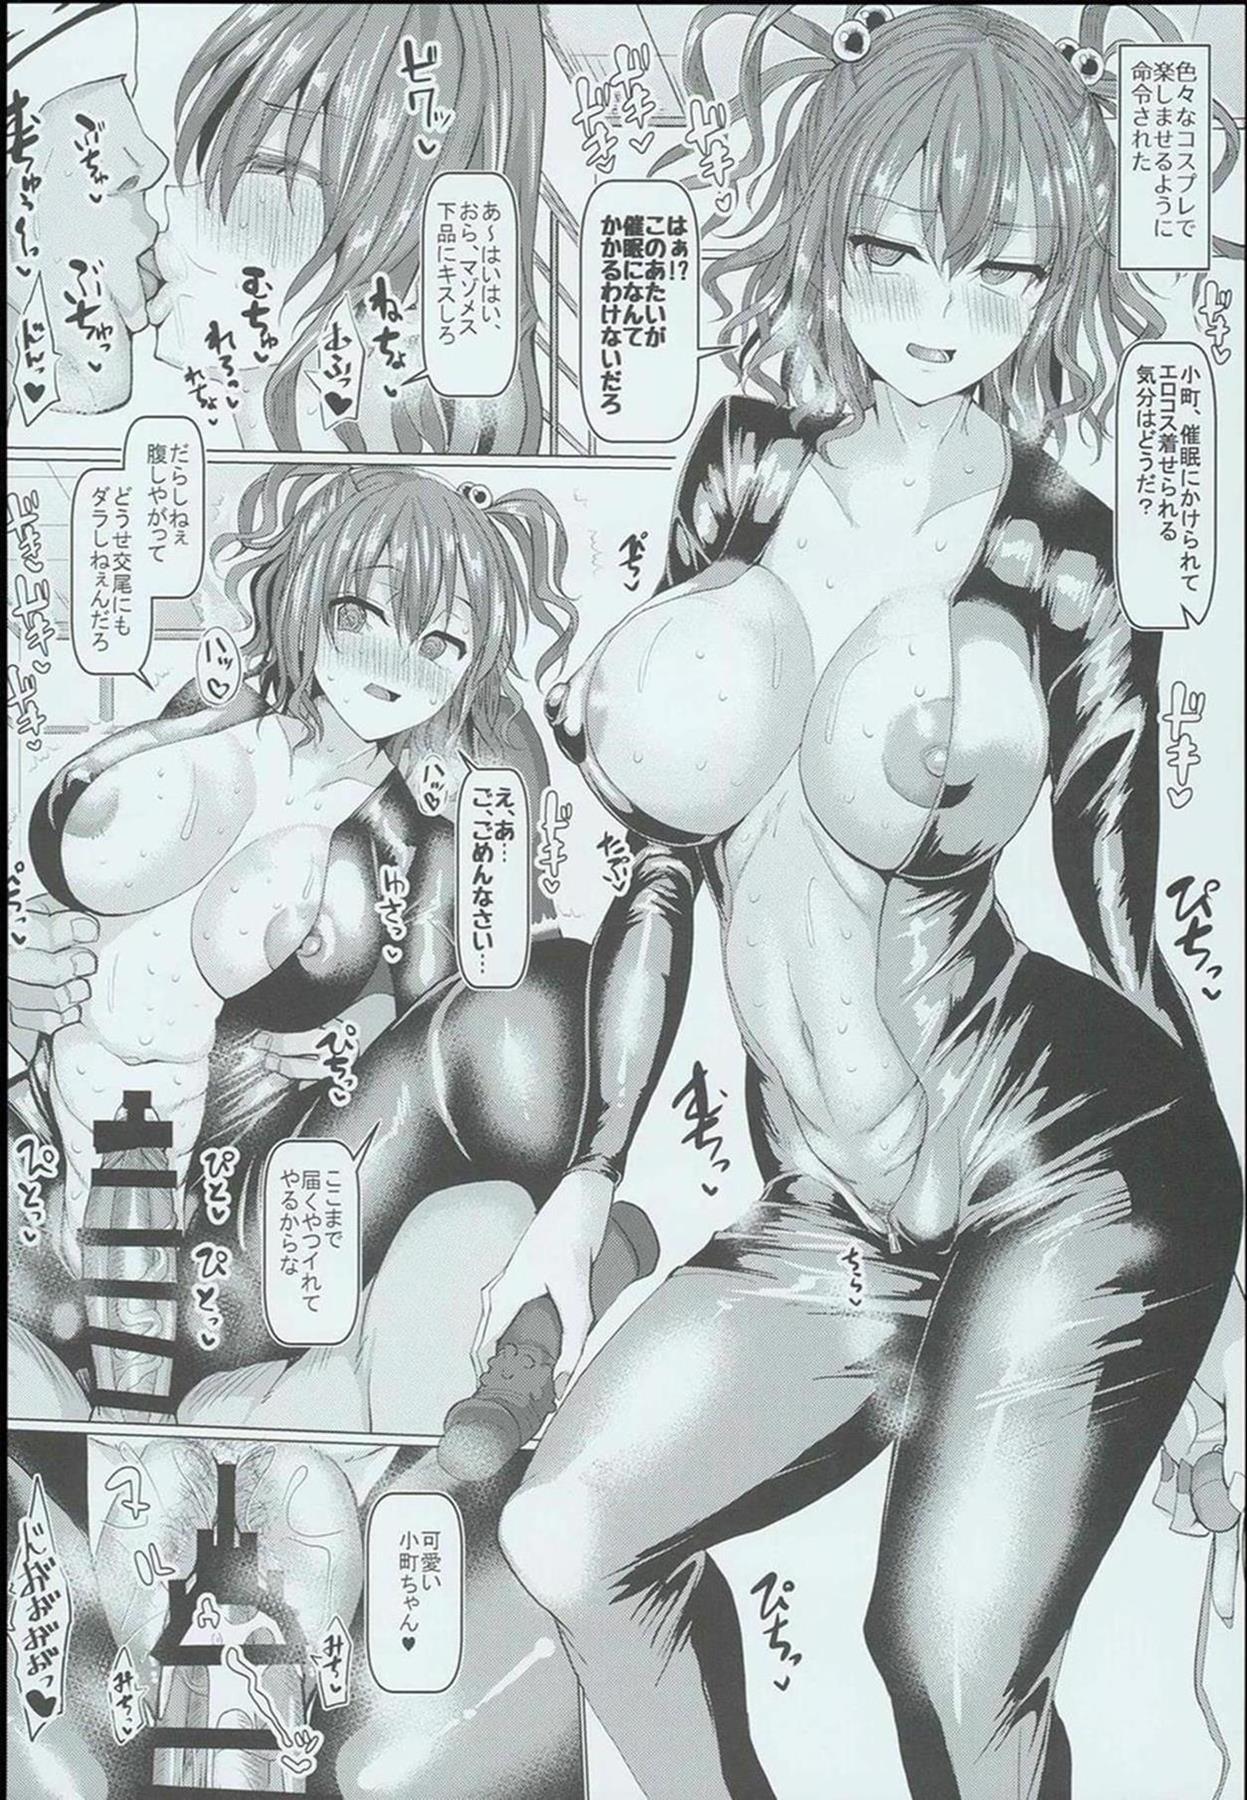 【東方 エロ漫画・エロ同人】催眠で性感帯白状させられてGスポほじられてるうちに転生のマゾメスであることが判明、好きに犯される小町ちゃんwwww (17)